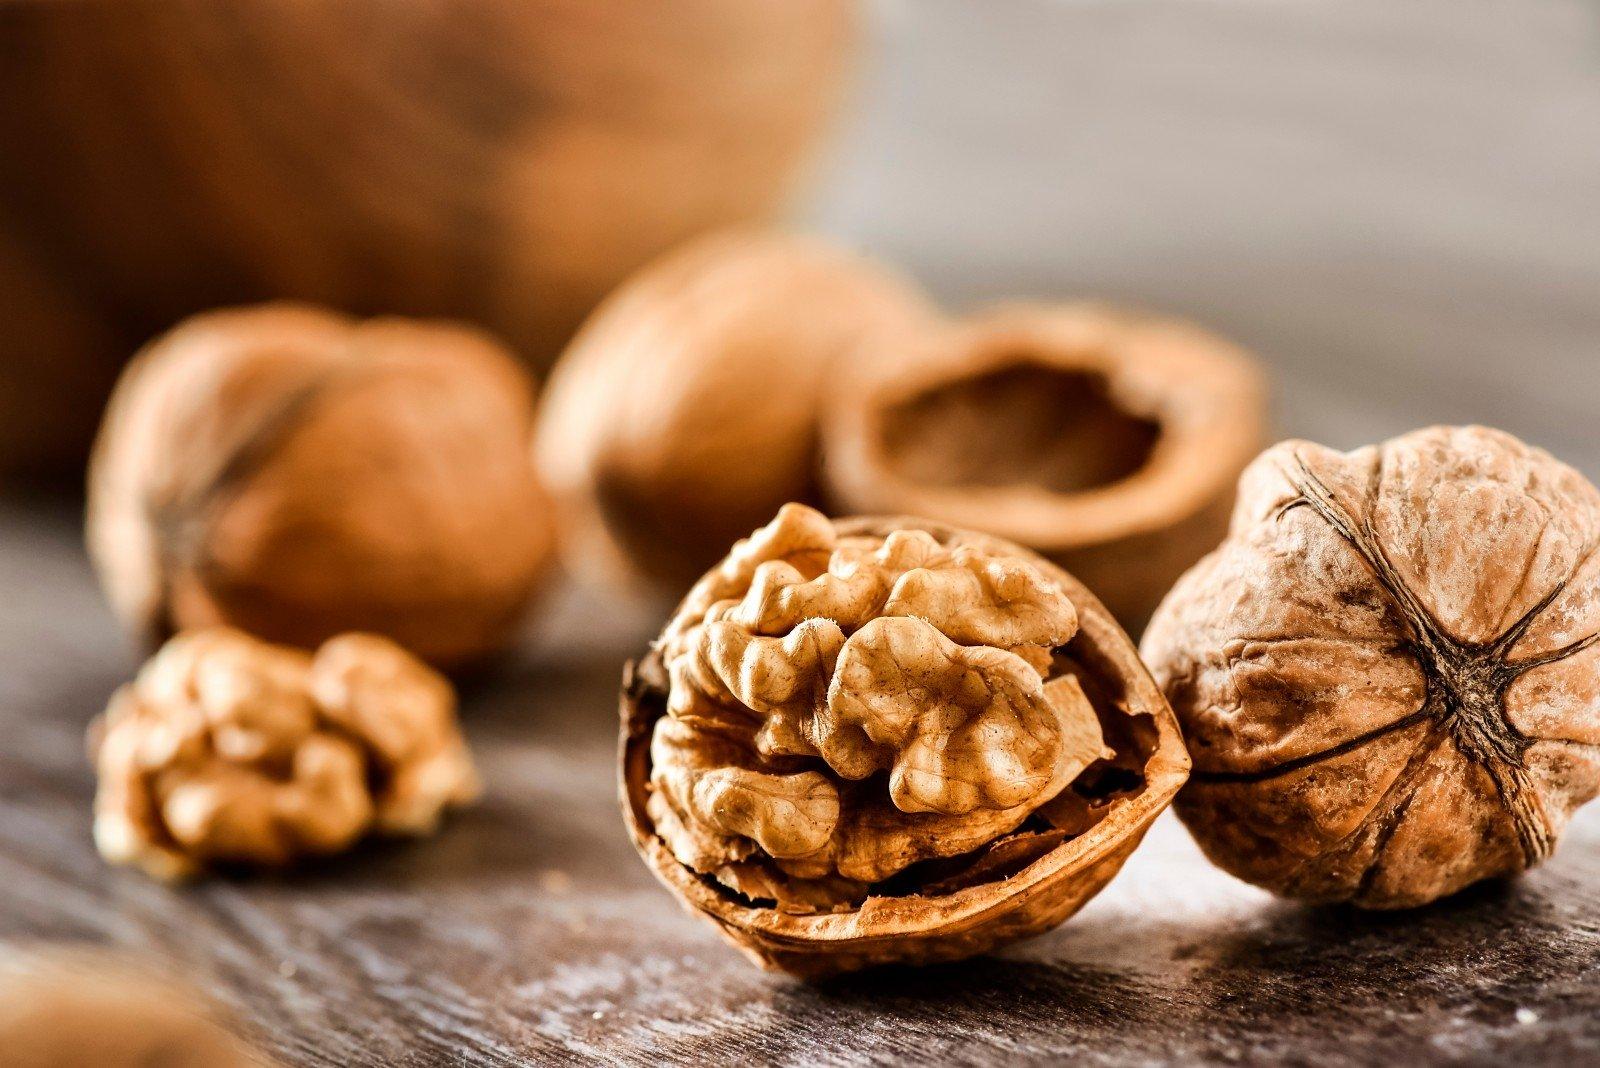 natūralus vaistas nuo riebalų nuostolių petite svorio netekimas